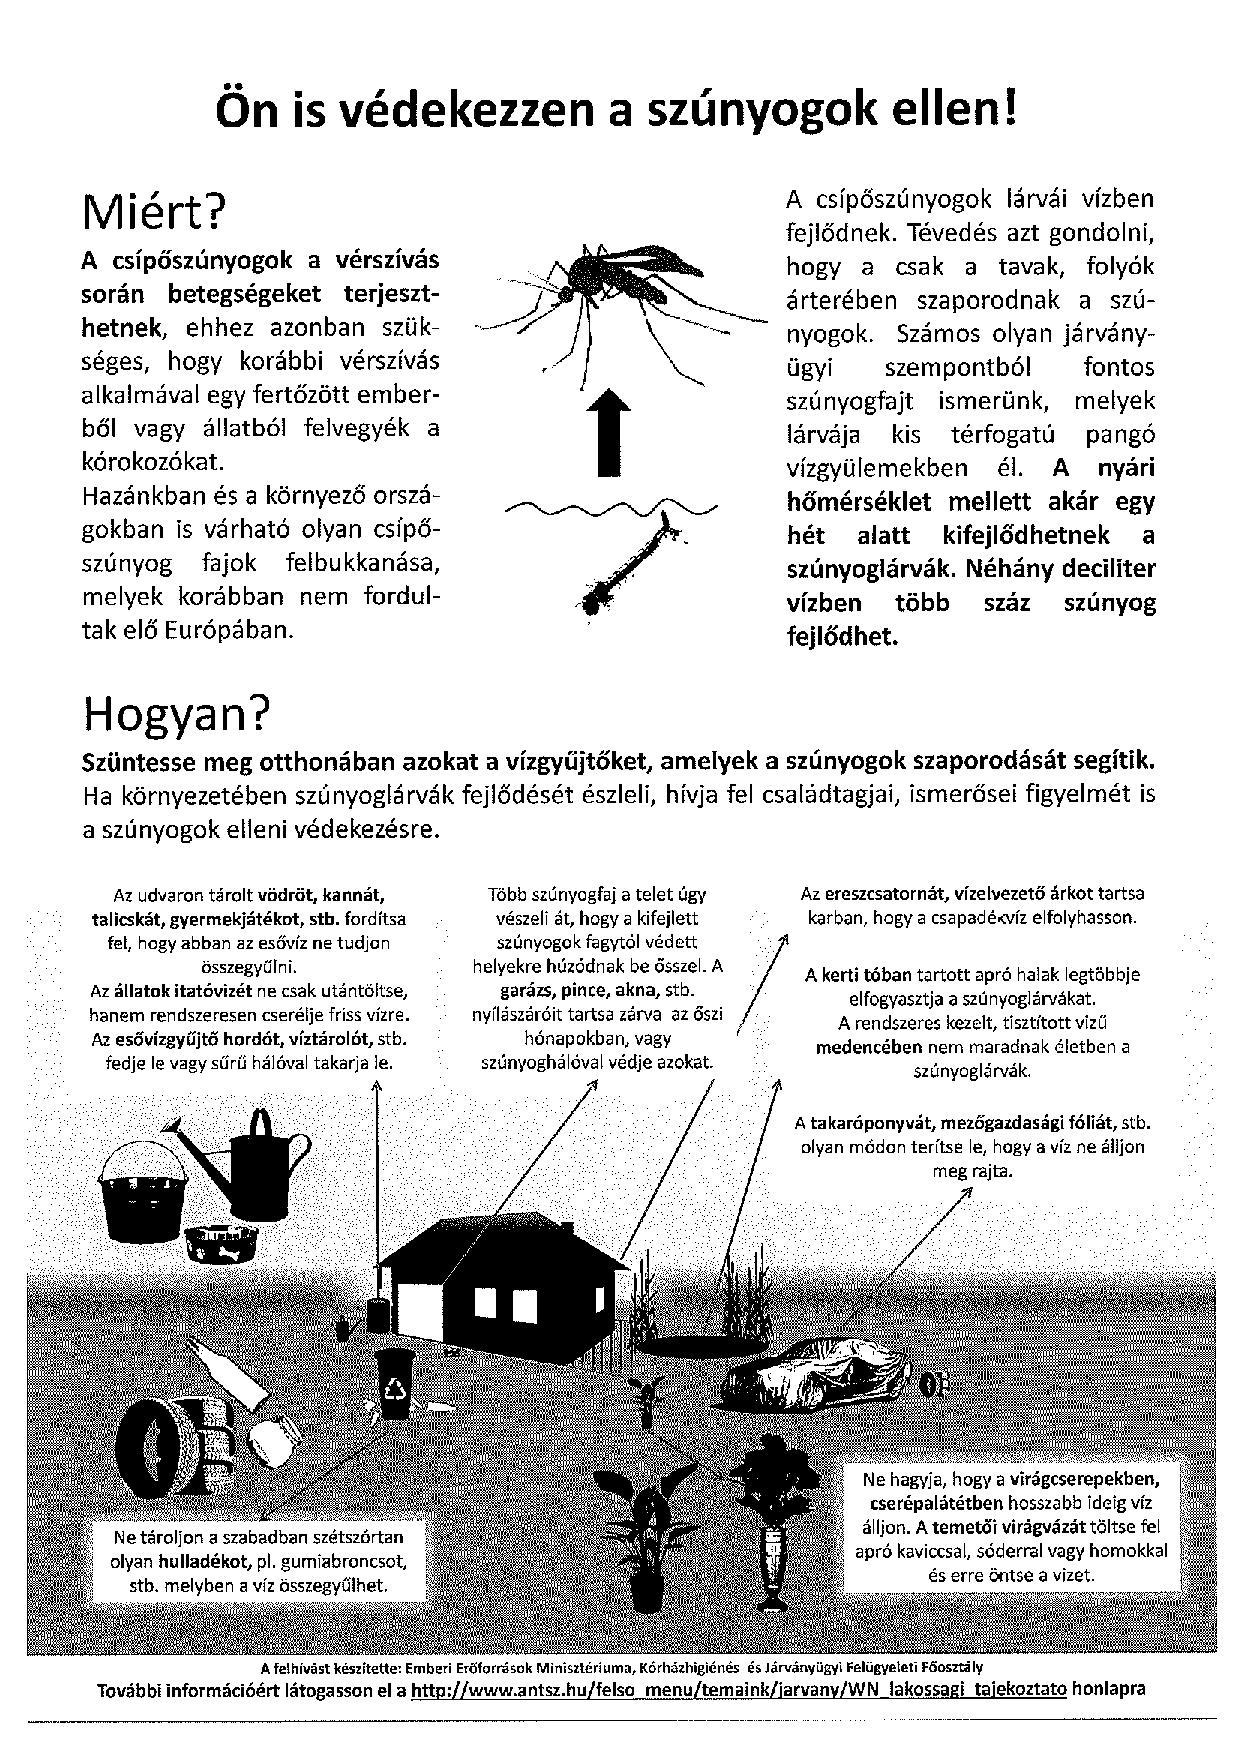 Tájékoztatás a szúnyogok elleni védekezésről